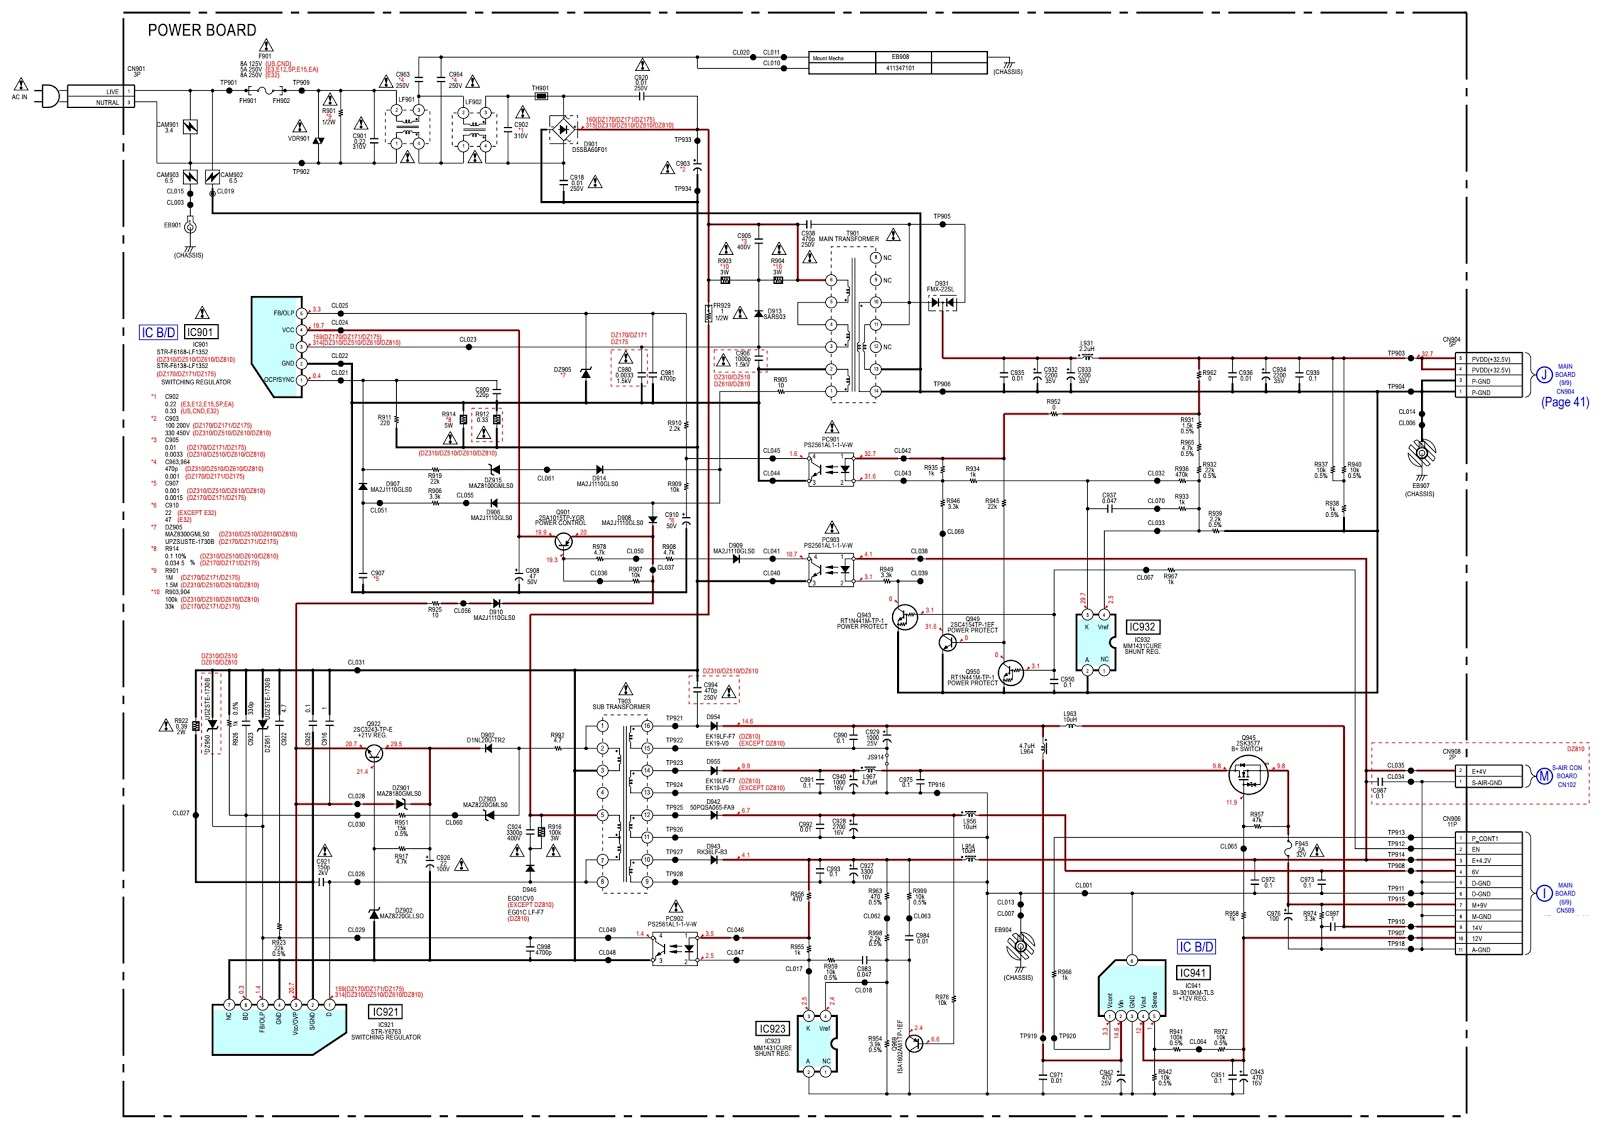 Home Theater Wiring Diagram 6 Way Rv Sony Dav Dz810 System  Hbd Dz170 Error